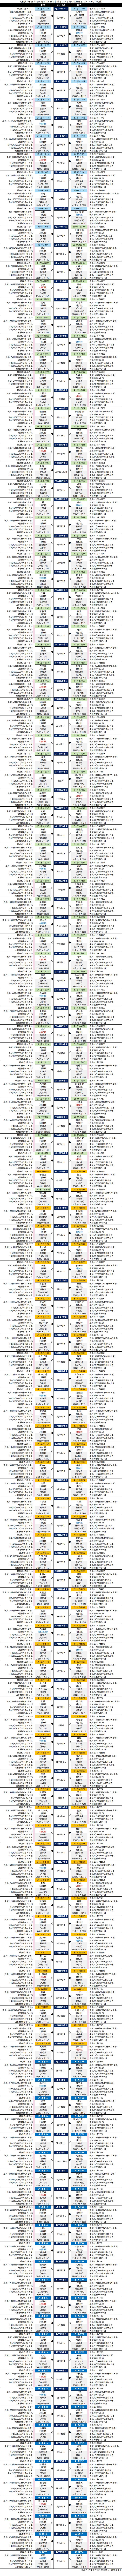 大相撲・2019年11月場所8日目・幕下以下の取組結果